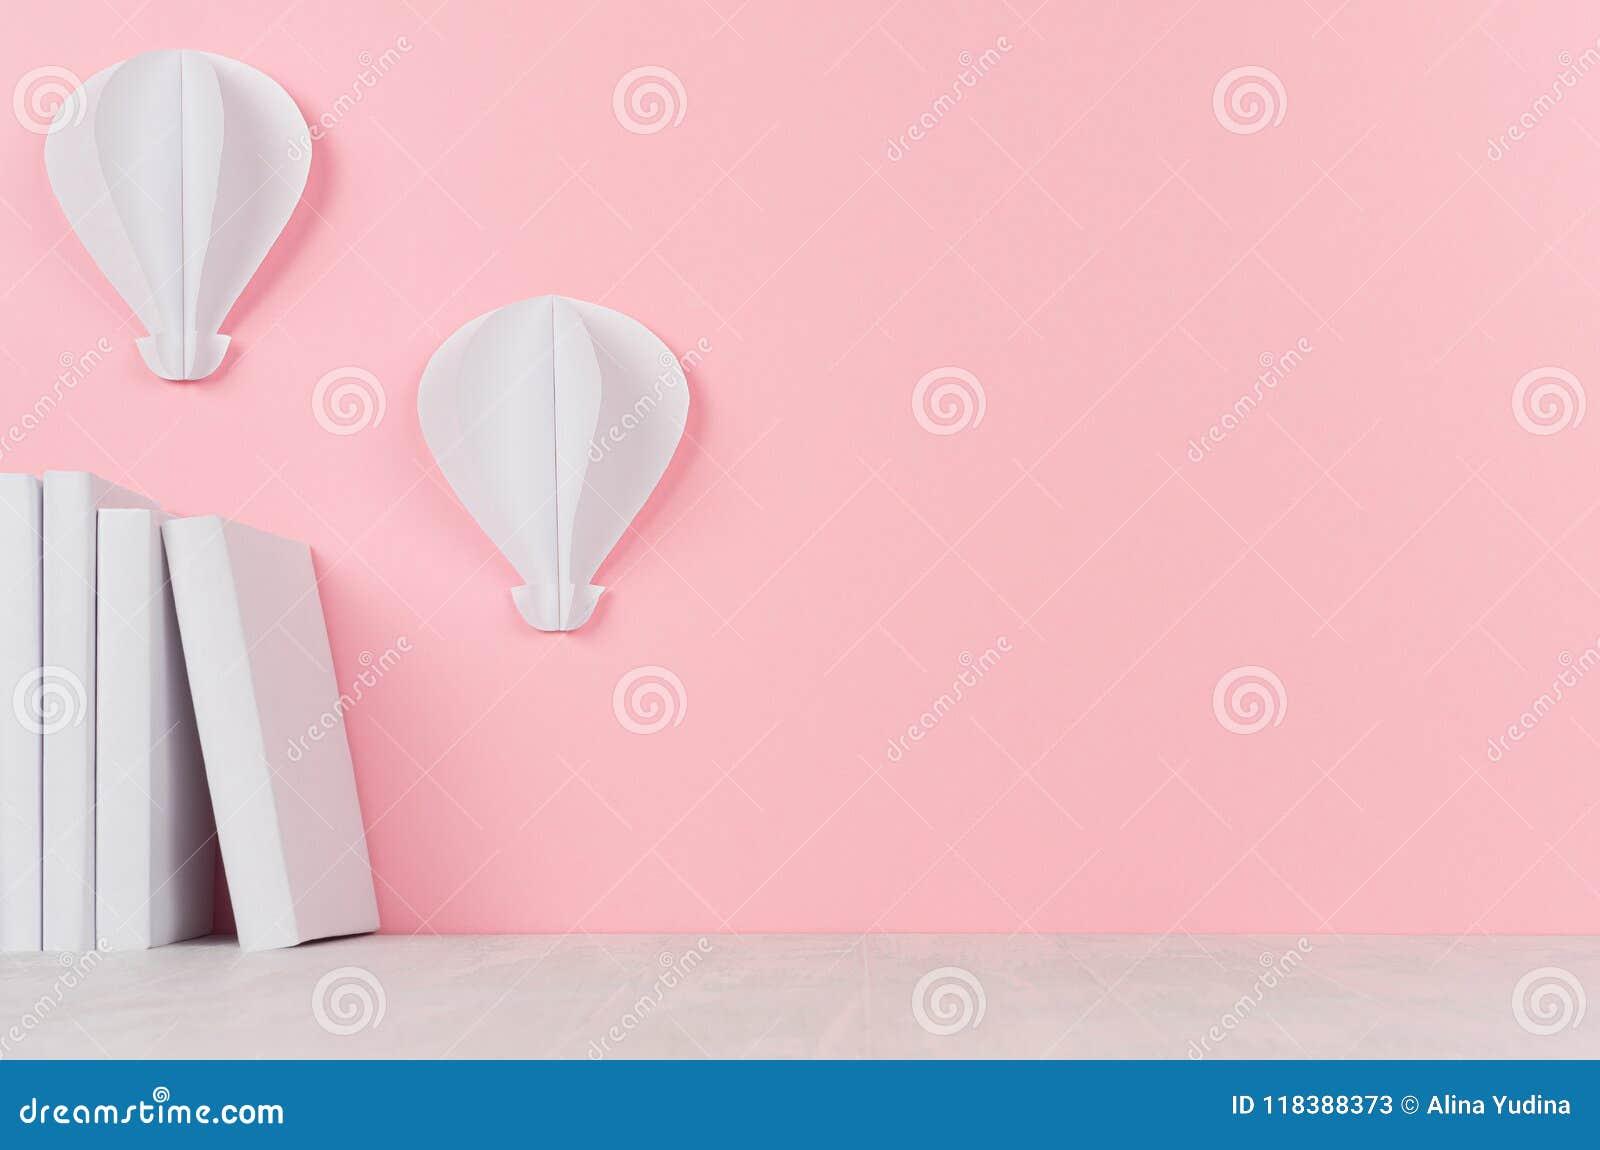 Δημιουργικός πίσω στο σχολικό υπόβαθρο - άσπρο origami βιβλίων και μπαλονιών ζεστού αέρα στο μαλακό ρόδινο σκηνικό